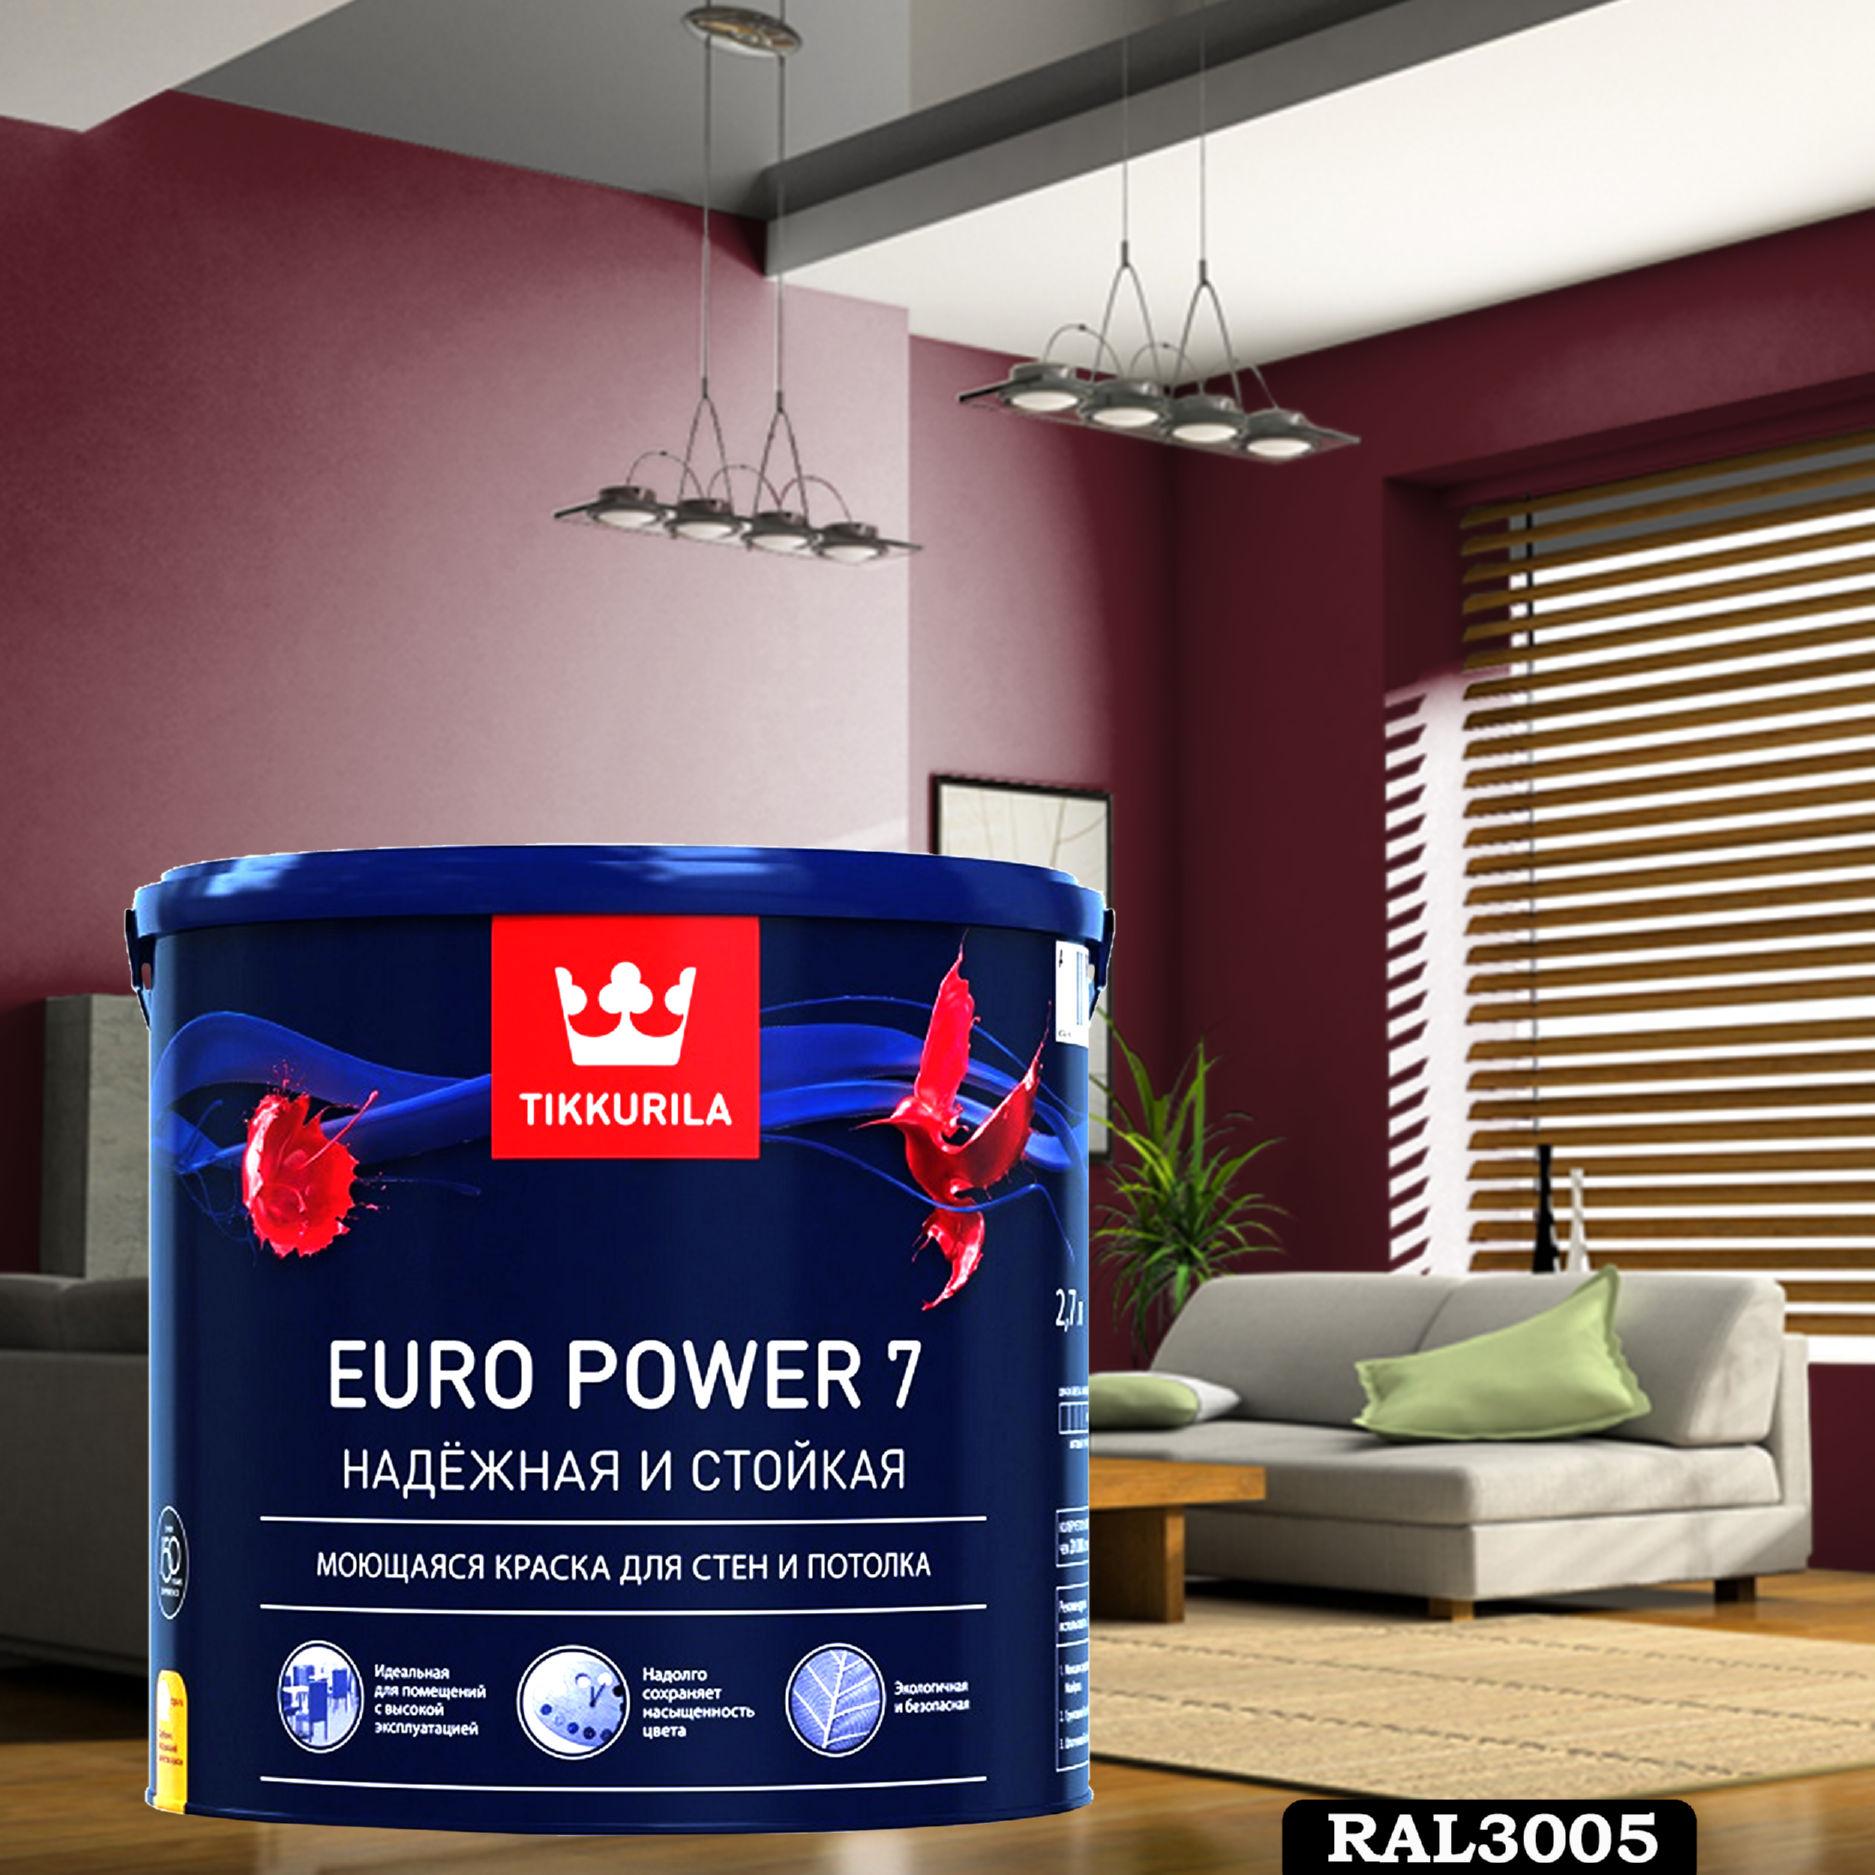 Фото 6 - Краска TIKKURILA Euro Power 7,  RAL 3005 Вишневый, латексная моющаяся матовая интерьерная, 9 л.